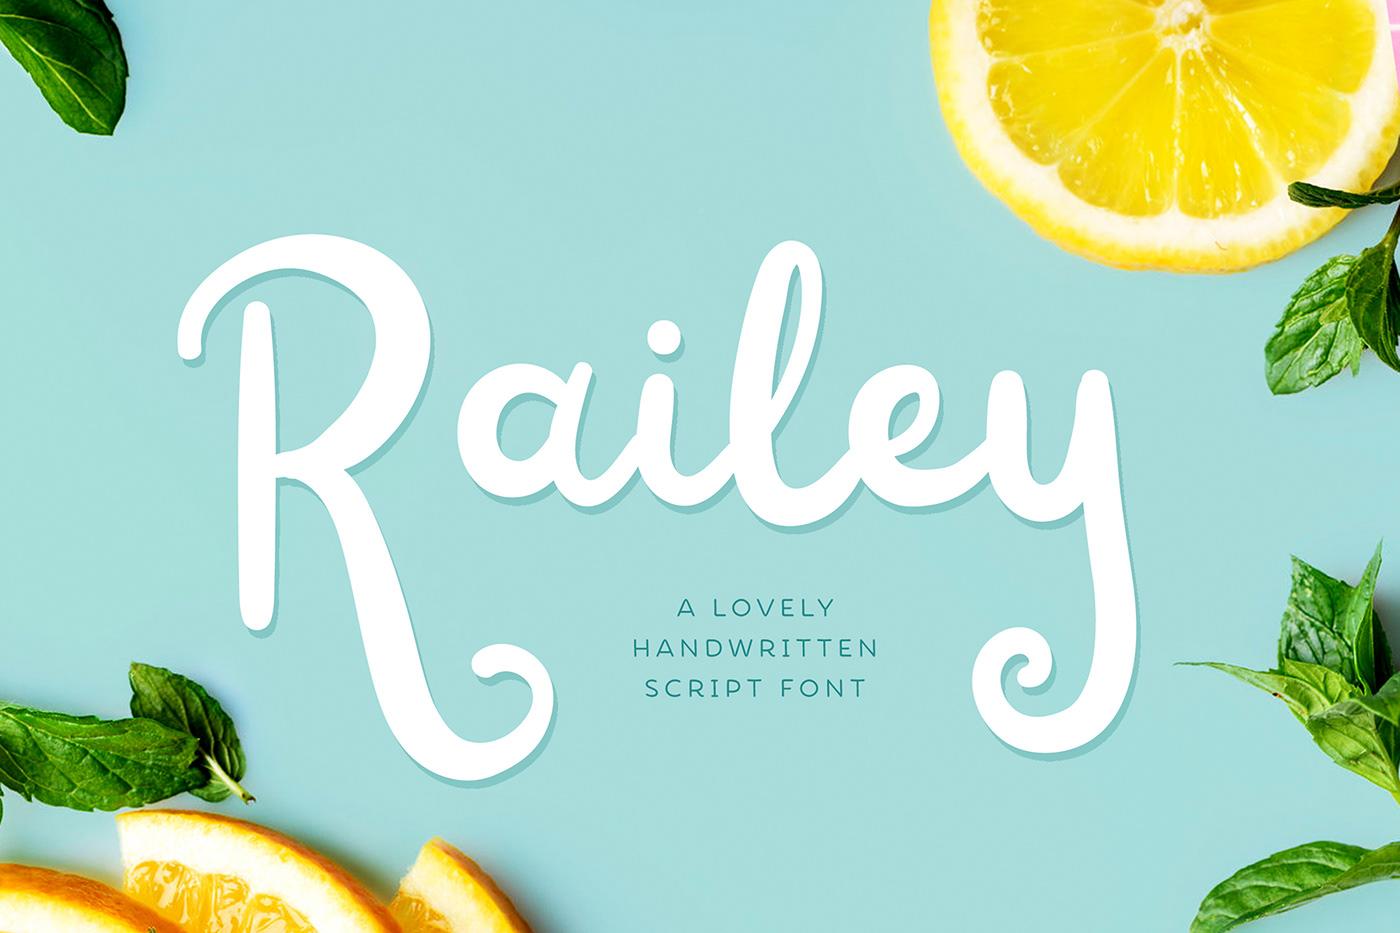 handwritten Script lovely feminine cute font Free font freebie